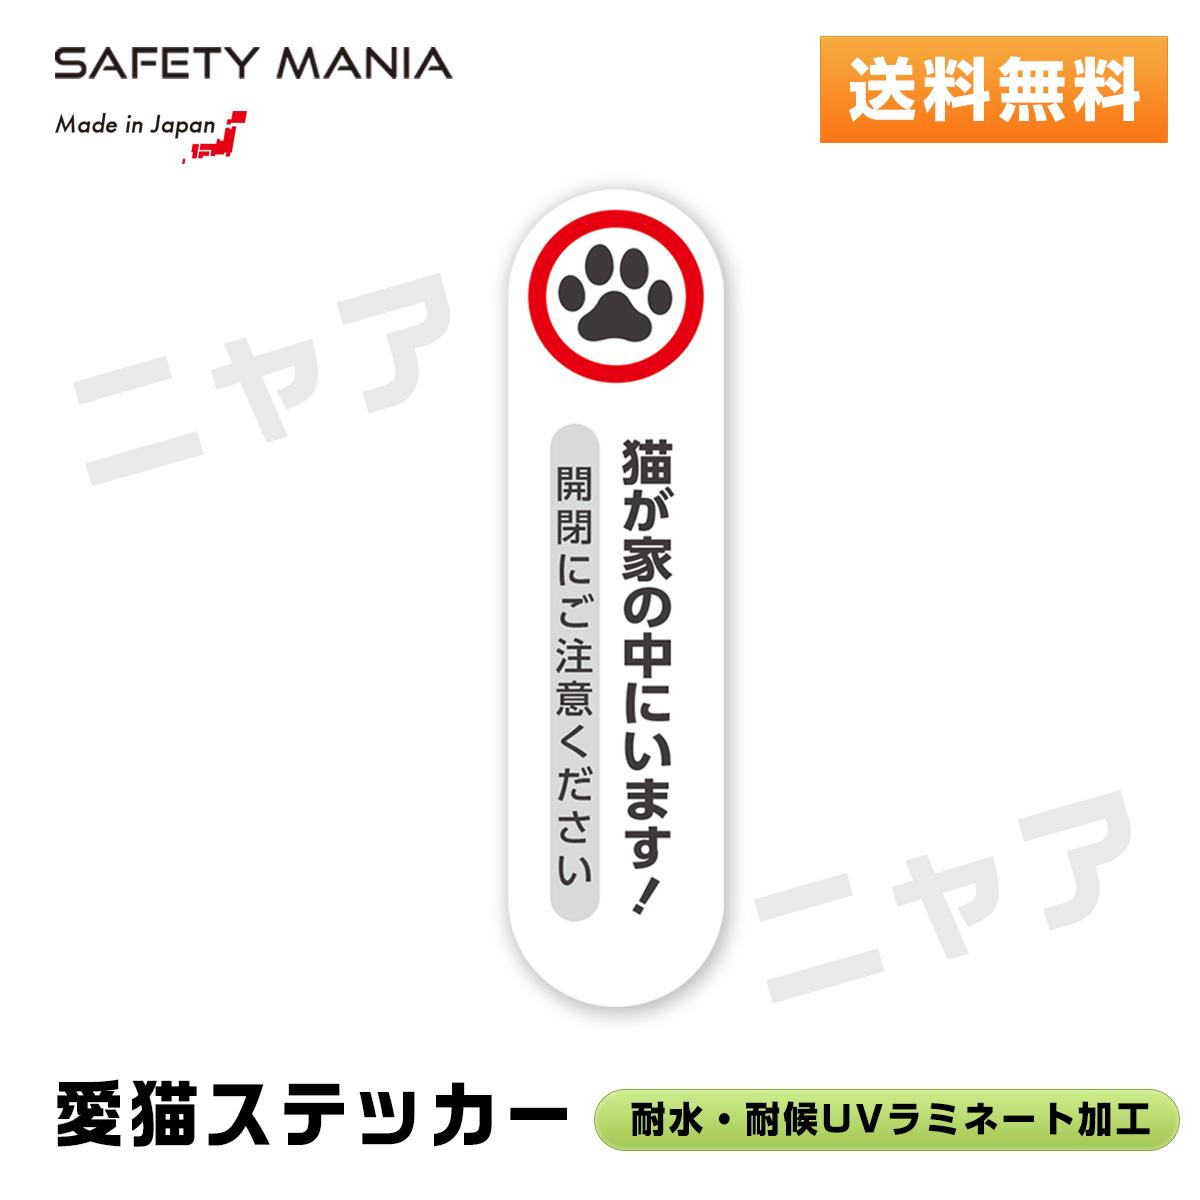 全品送料無料!簡単便利で、再配達不要のポストイン配送! 【SAFETY MANIA】家に猫がいます 開閉注意ステッカー 11.5×3cm 耐候防水 縦型